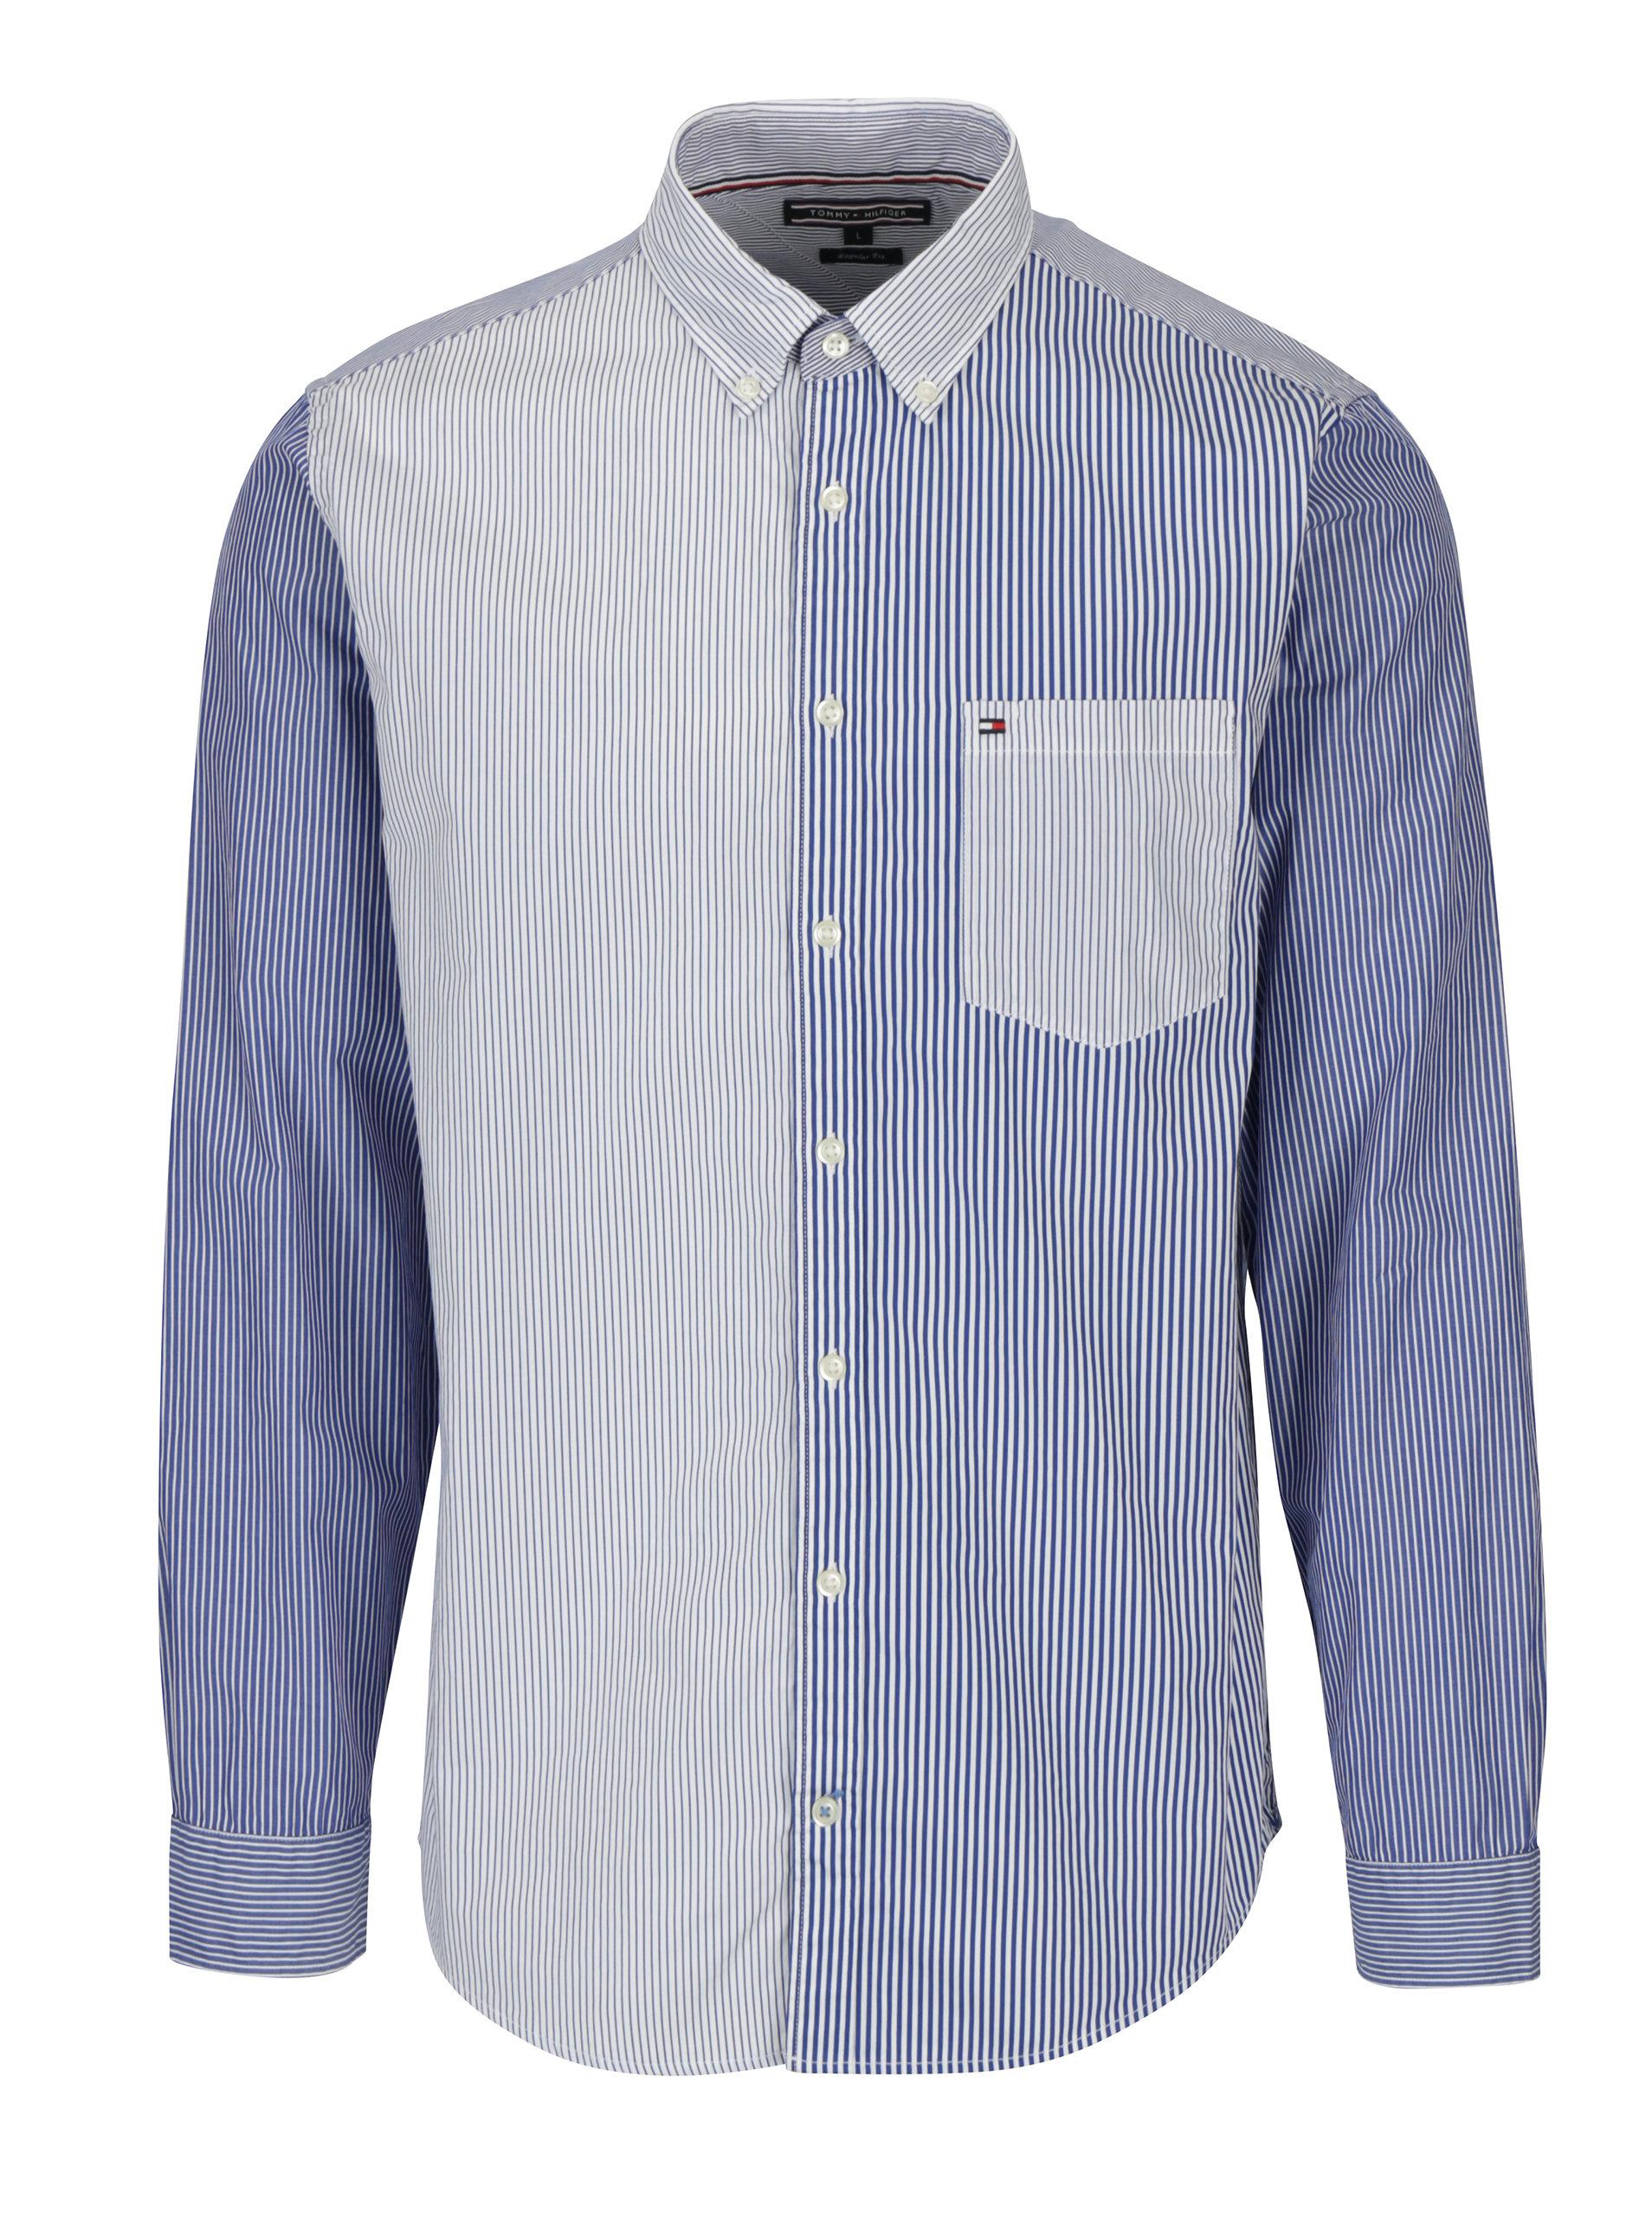 dac30a70e68b Bílo-modrá pánská pruhovaná regular fit košile Tommy Hilfiger Mixed ...